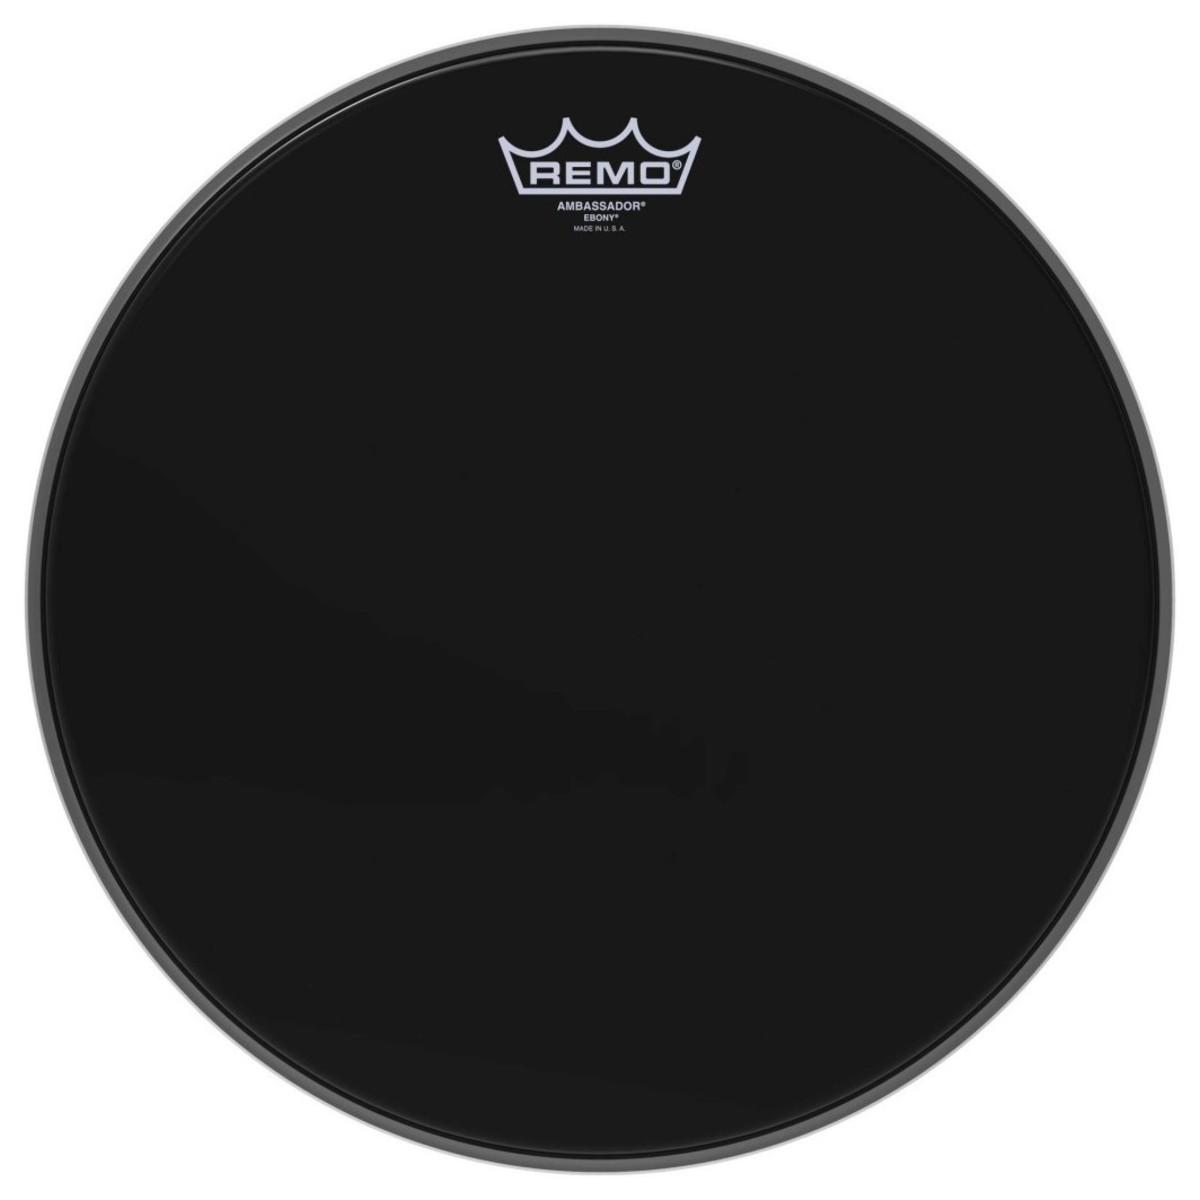 Remo Ambassador Ebony 22 Bass Drum Head